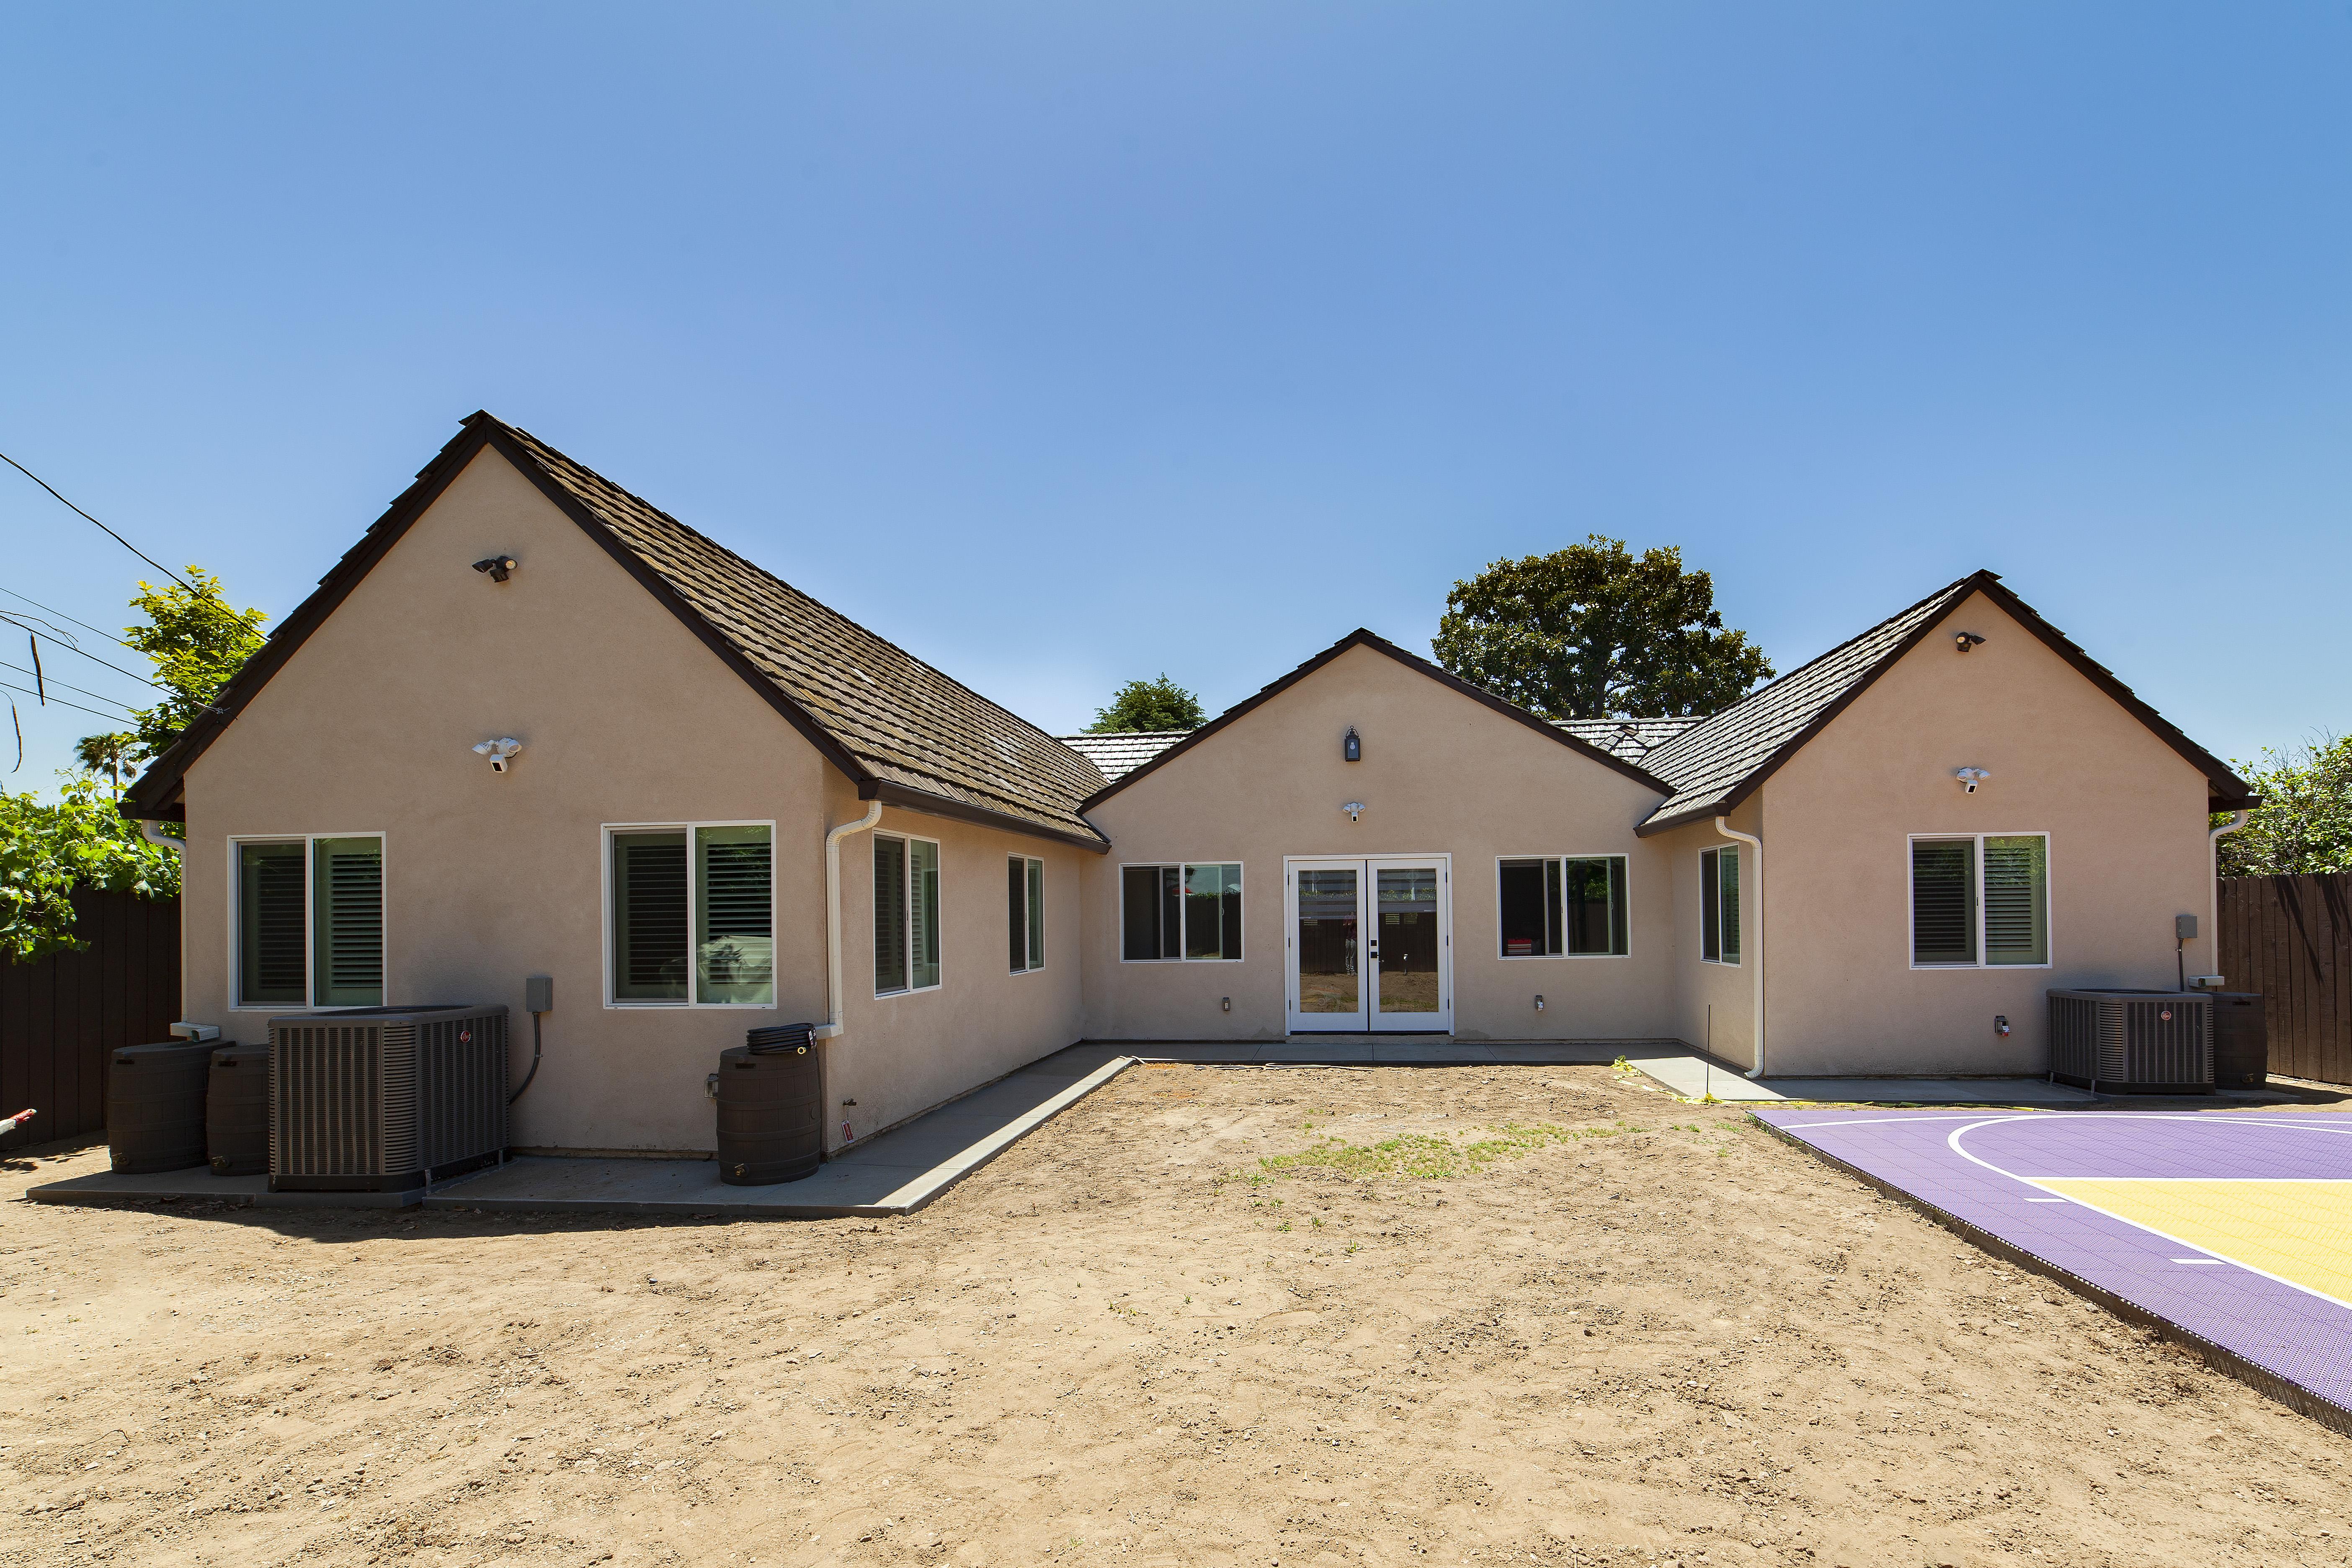 1,100 Sq Ft Room Addition Project - San Gabriel, CA